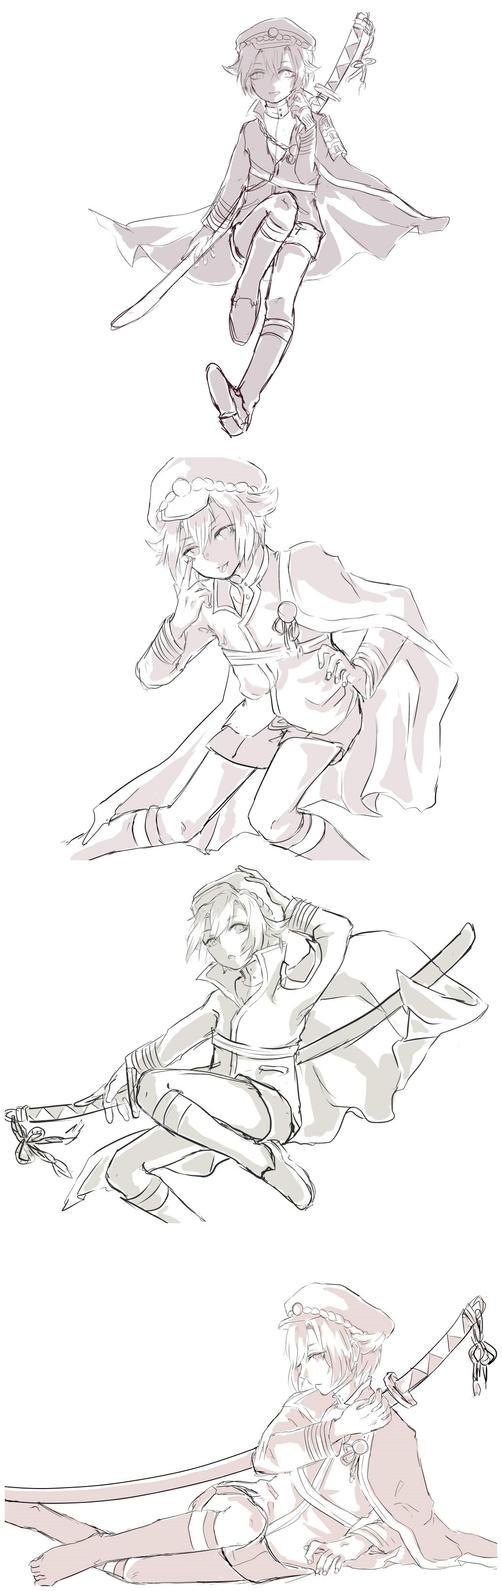 Hota doodles by Nekoichu